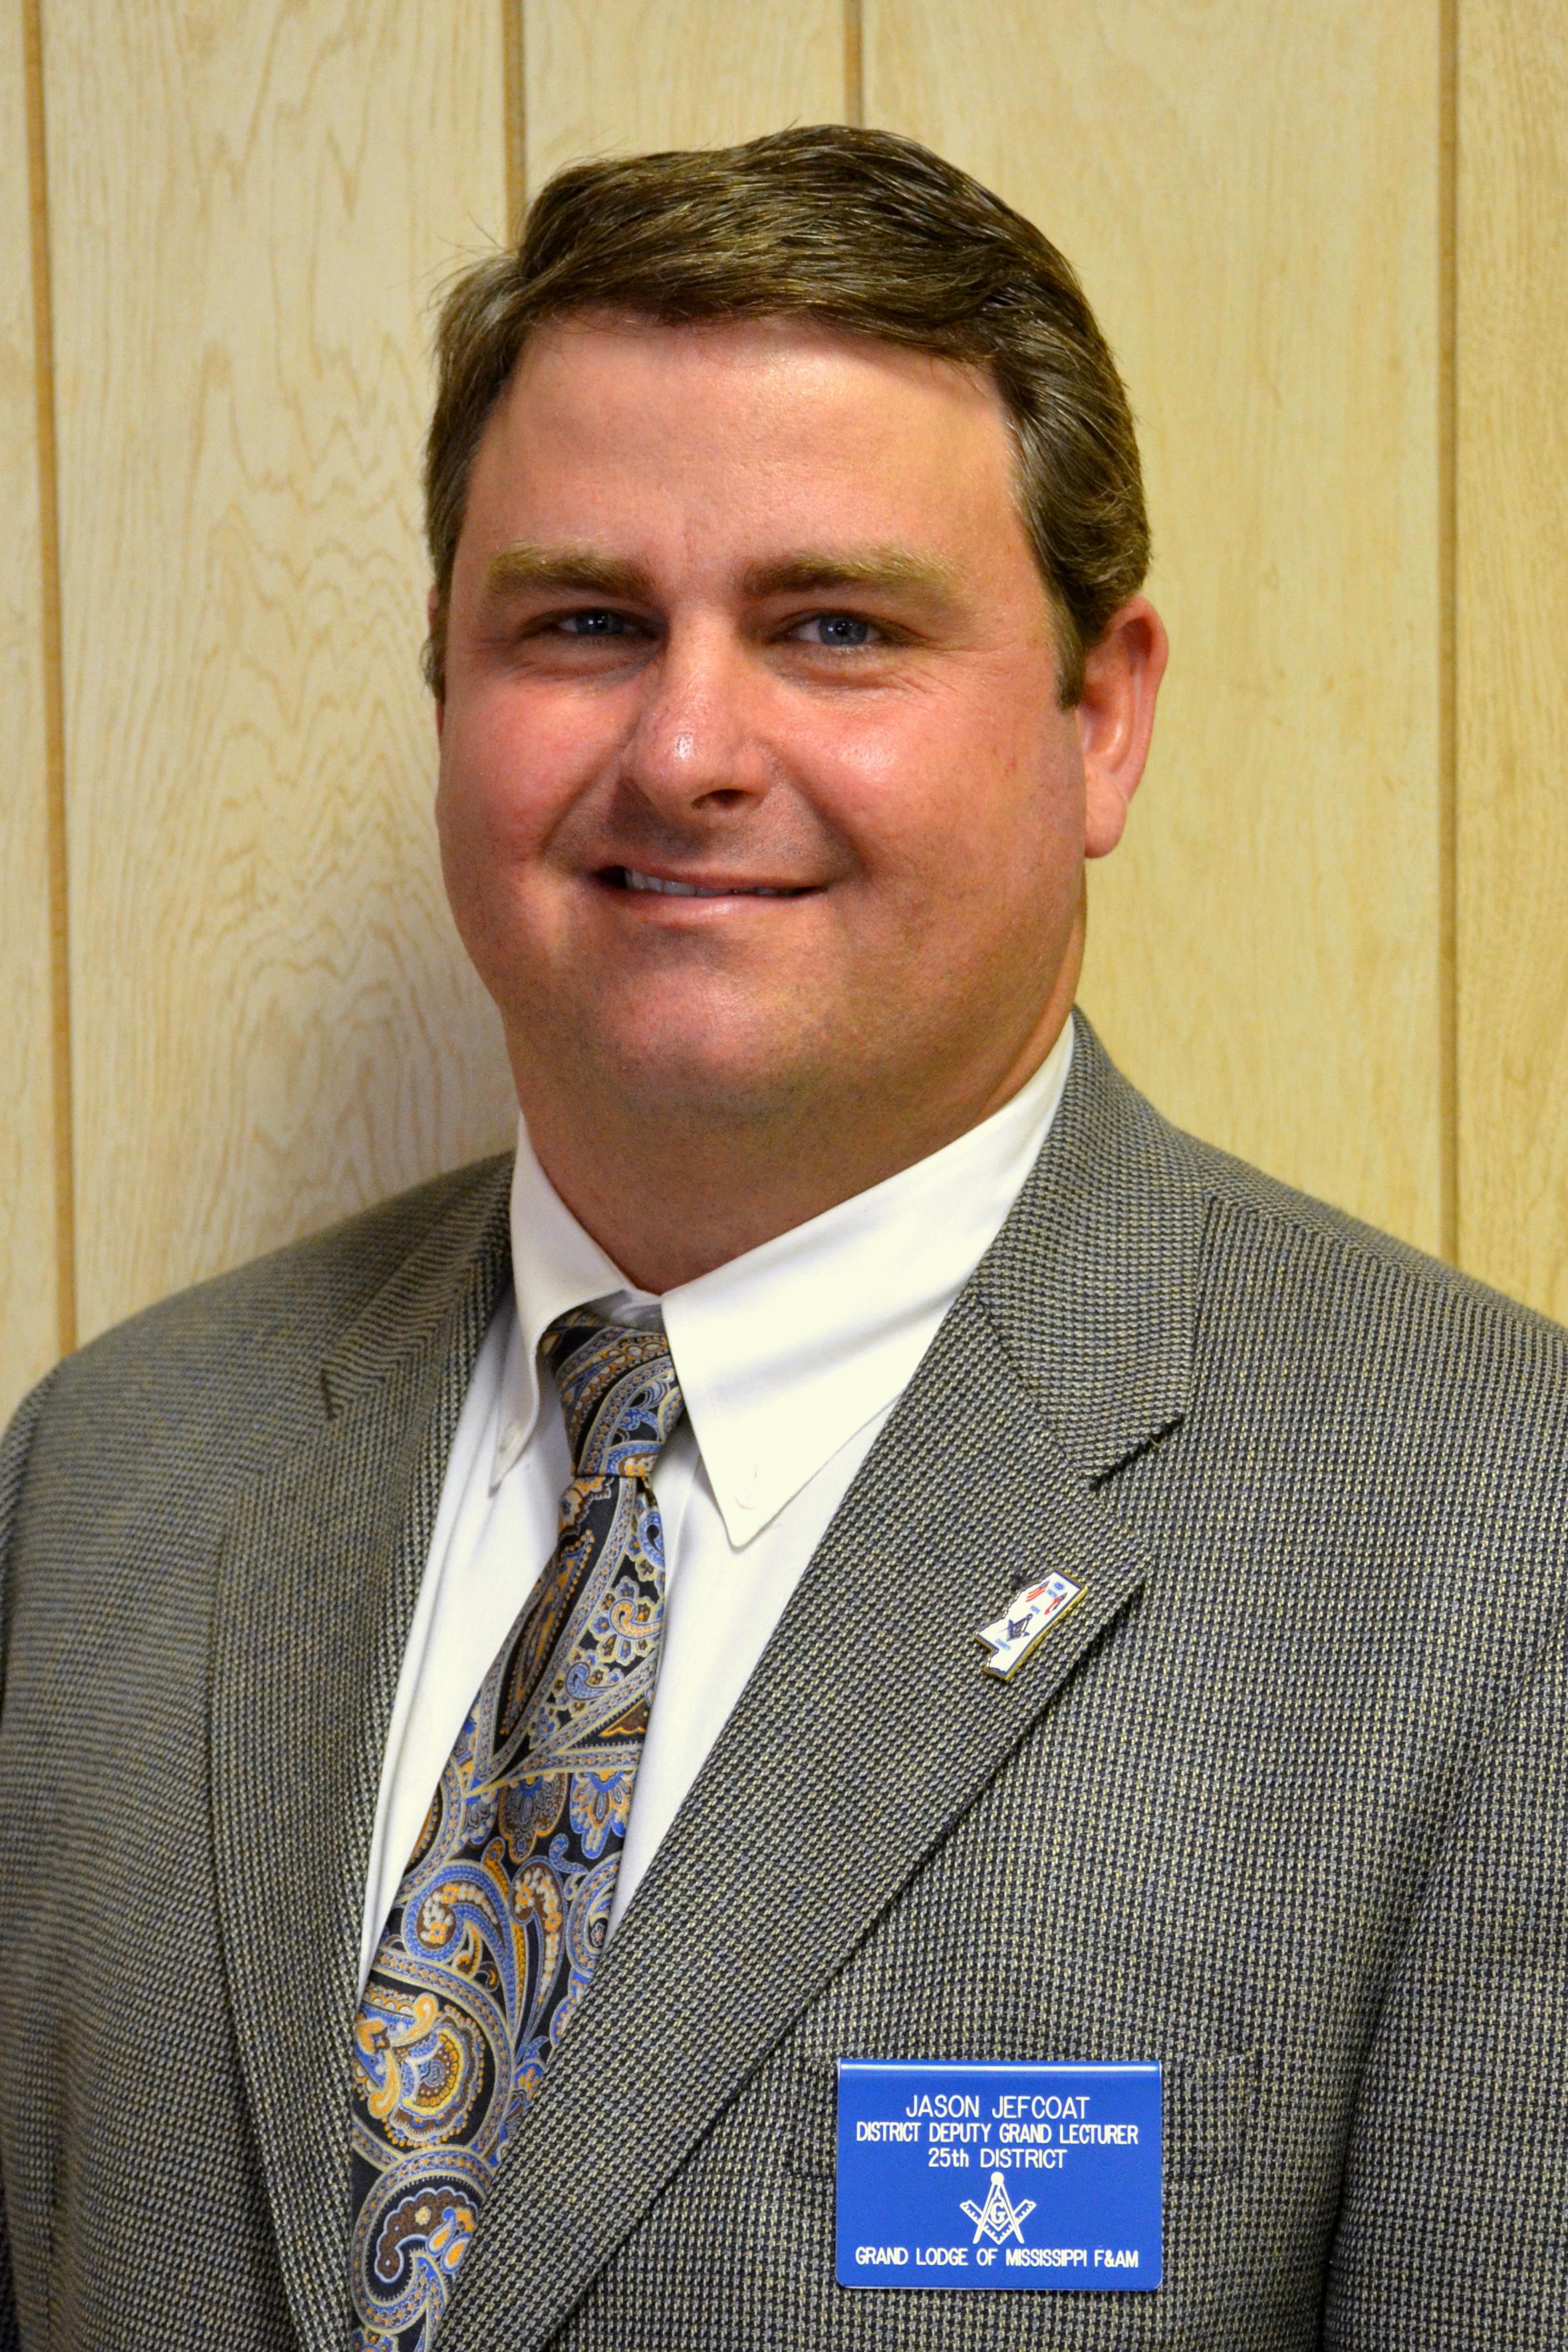 Jason A. Jefcoat